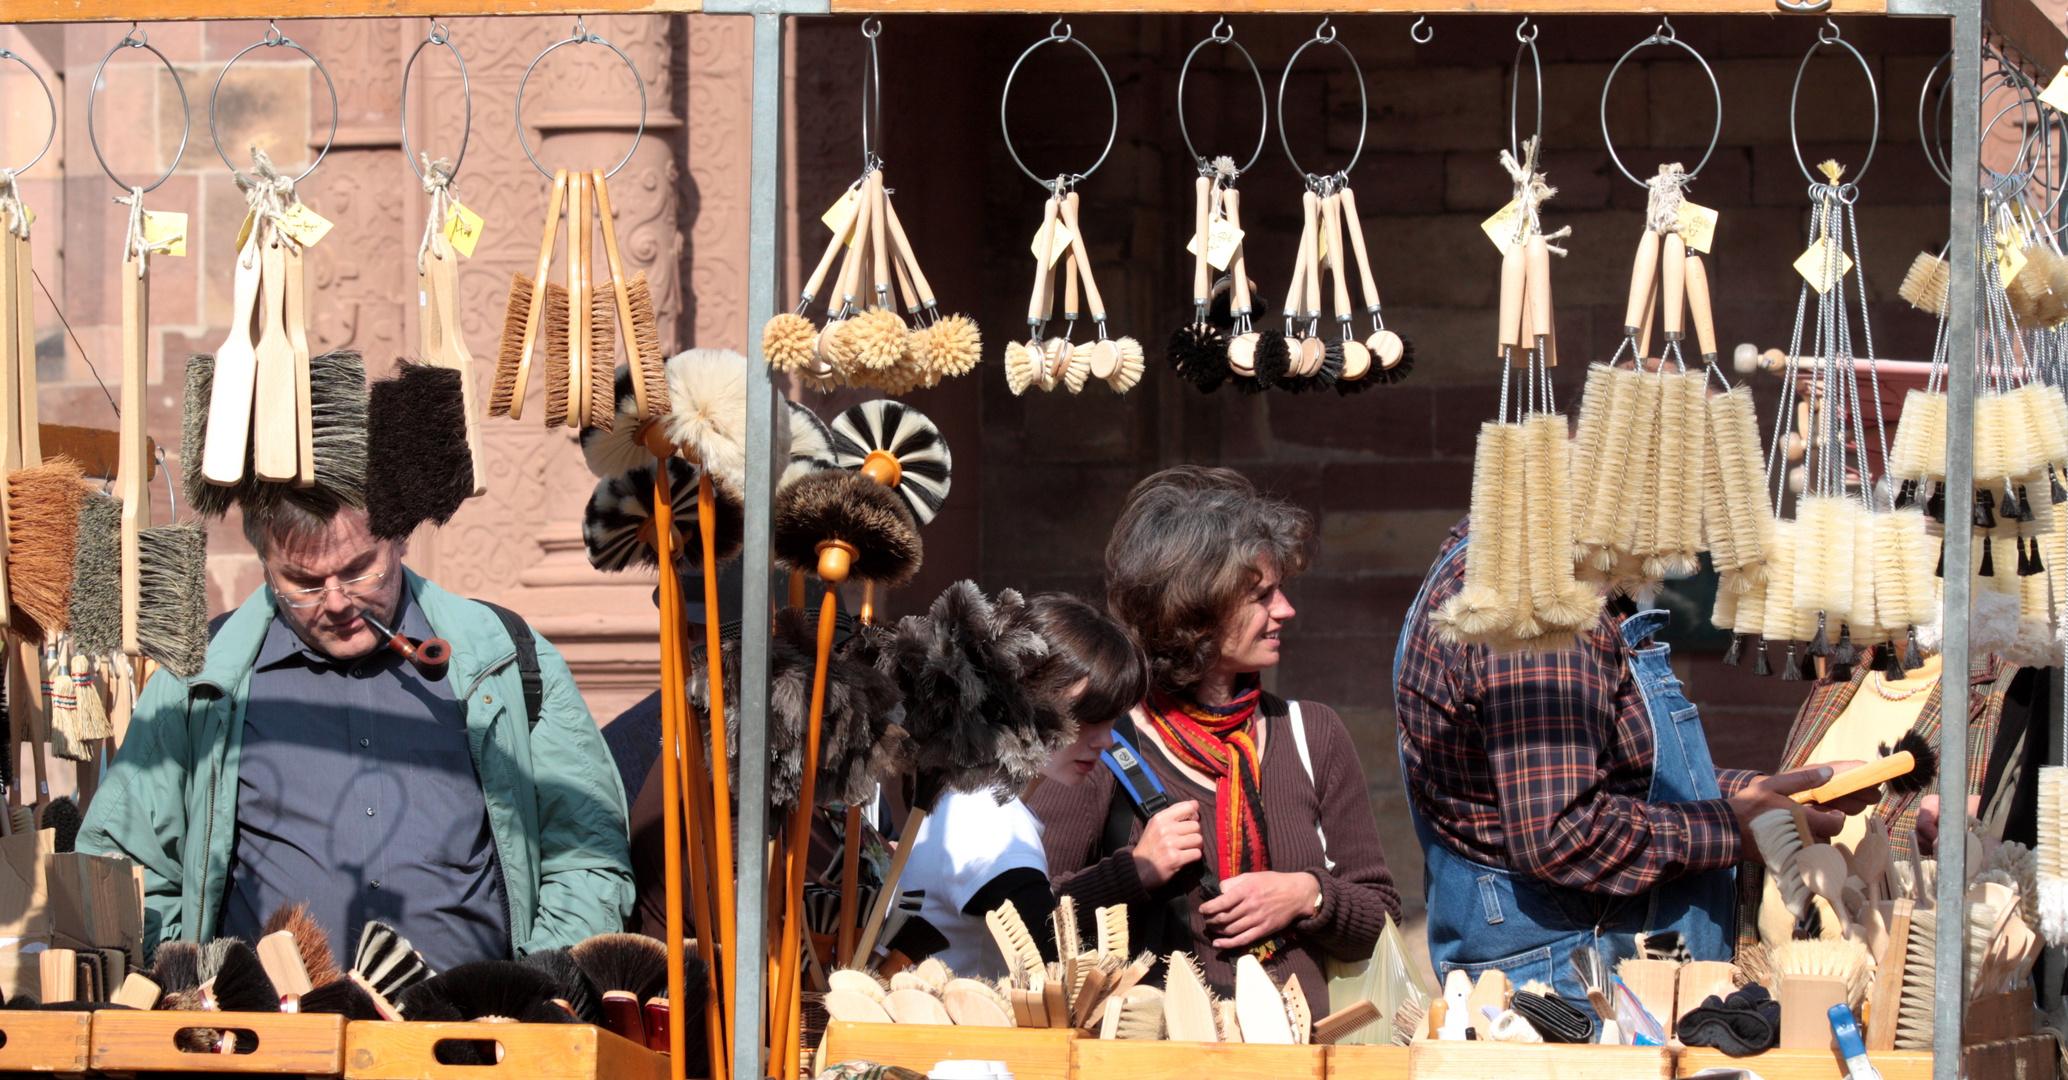 Auf dem Markt in Freiburg (Meiner absoluten Lieblingsstadt!!!)